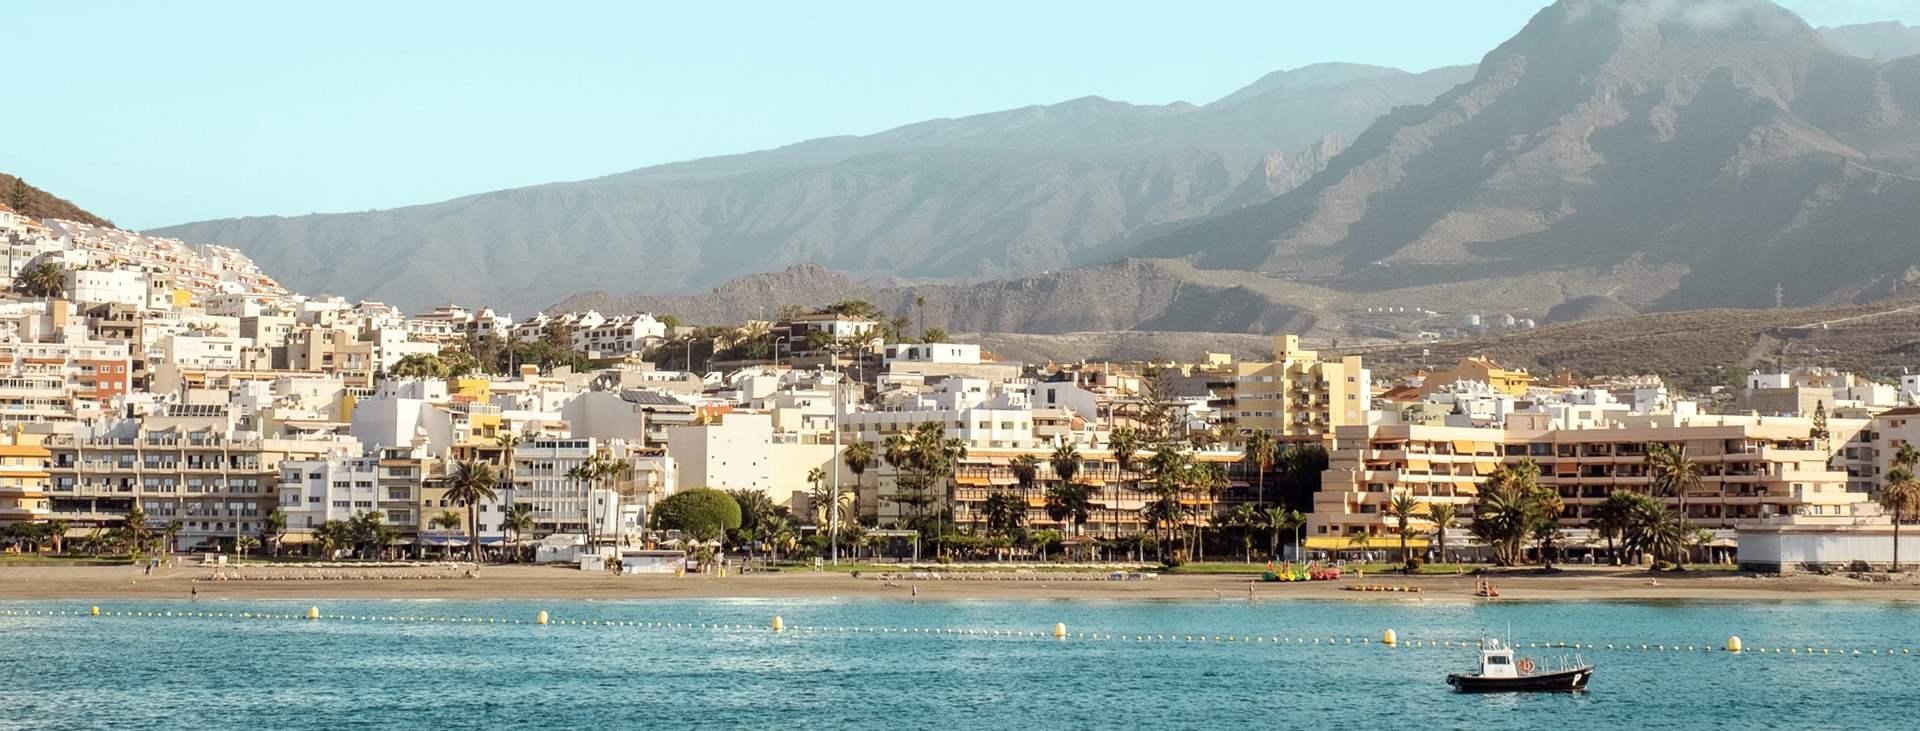 Boka din resa till Los Cristianos på Teneriffa med Ving